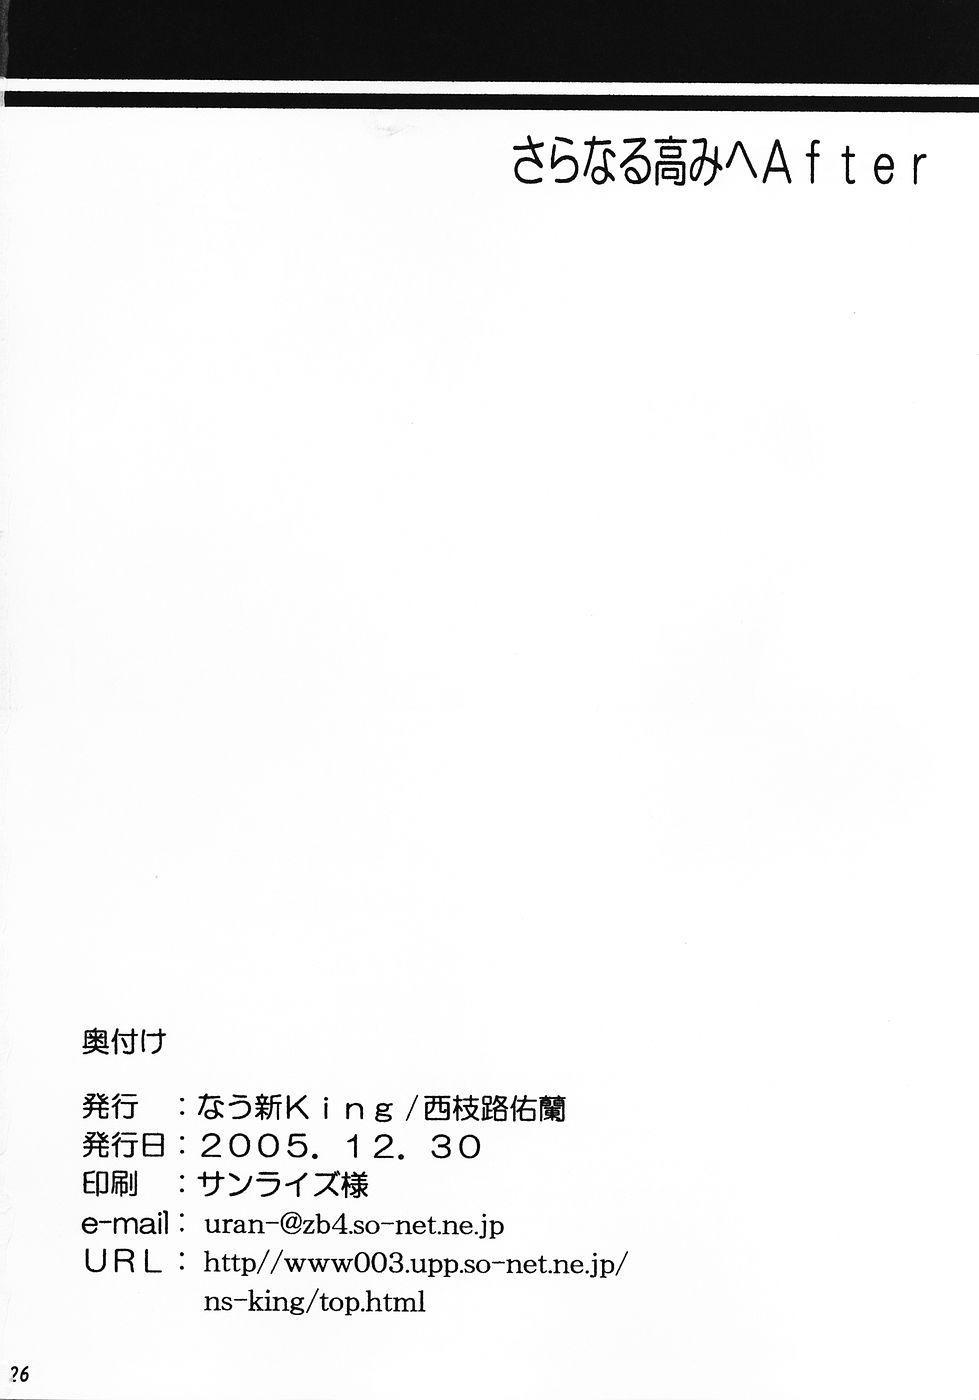 Saranaru Takamihe After 24